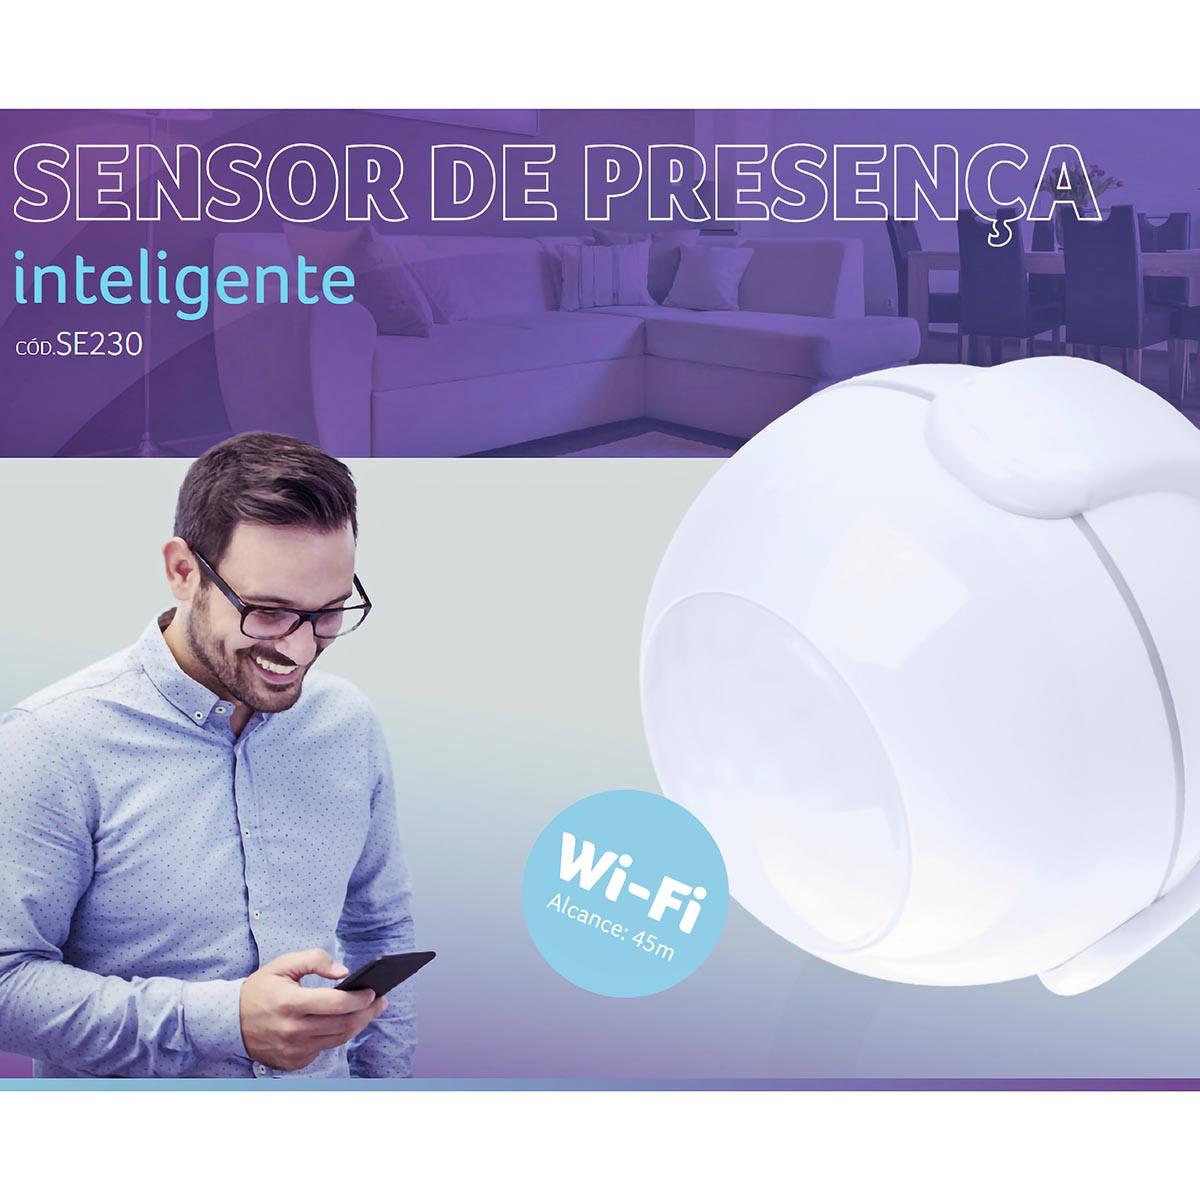 Sensor de Presença Inteligente Wi-Fi Livre de Fios de Fácil Instalação e Notificações Push via Celular Liv SE230